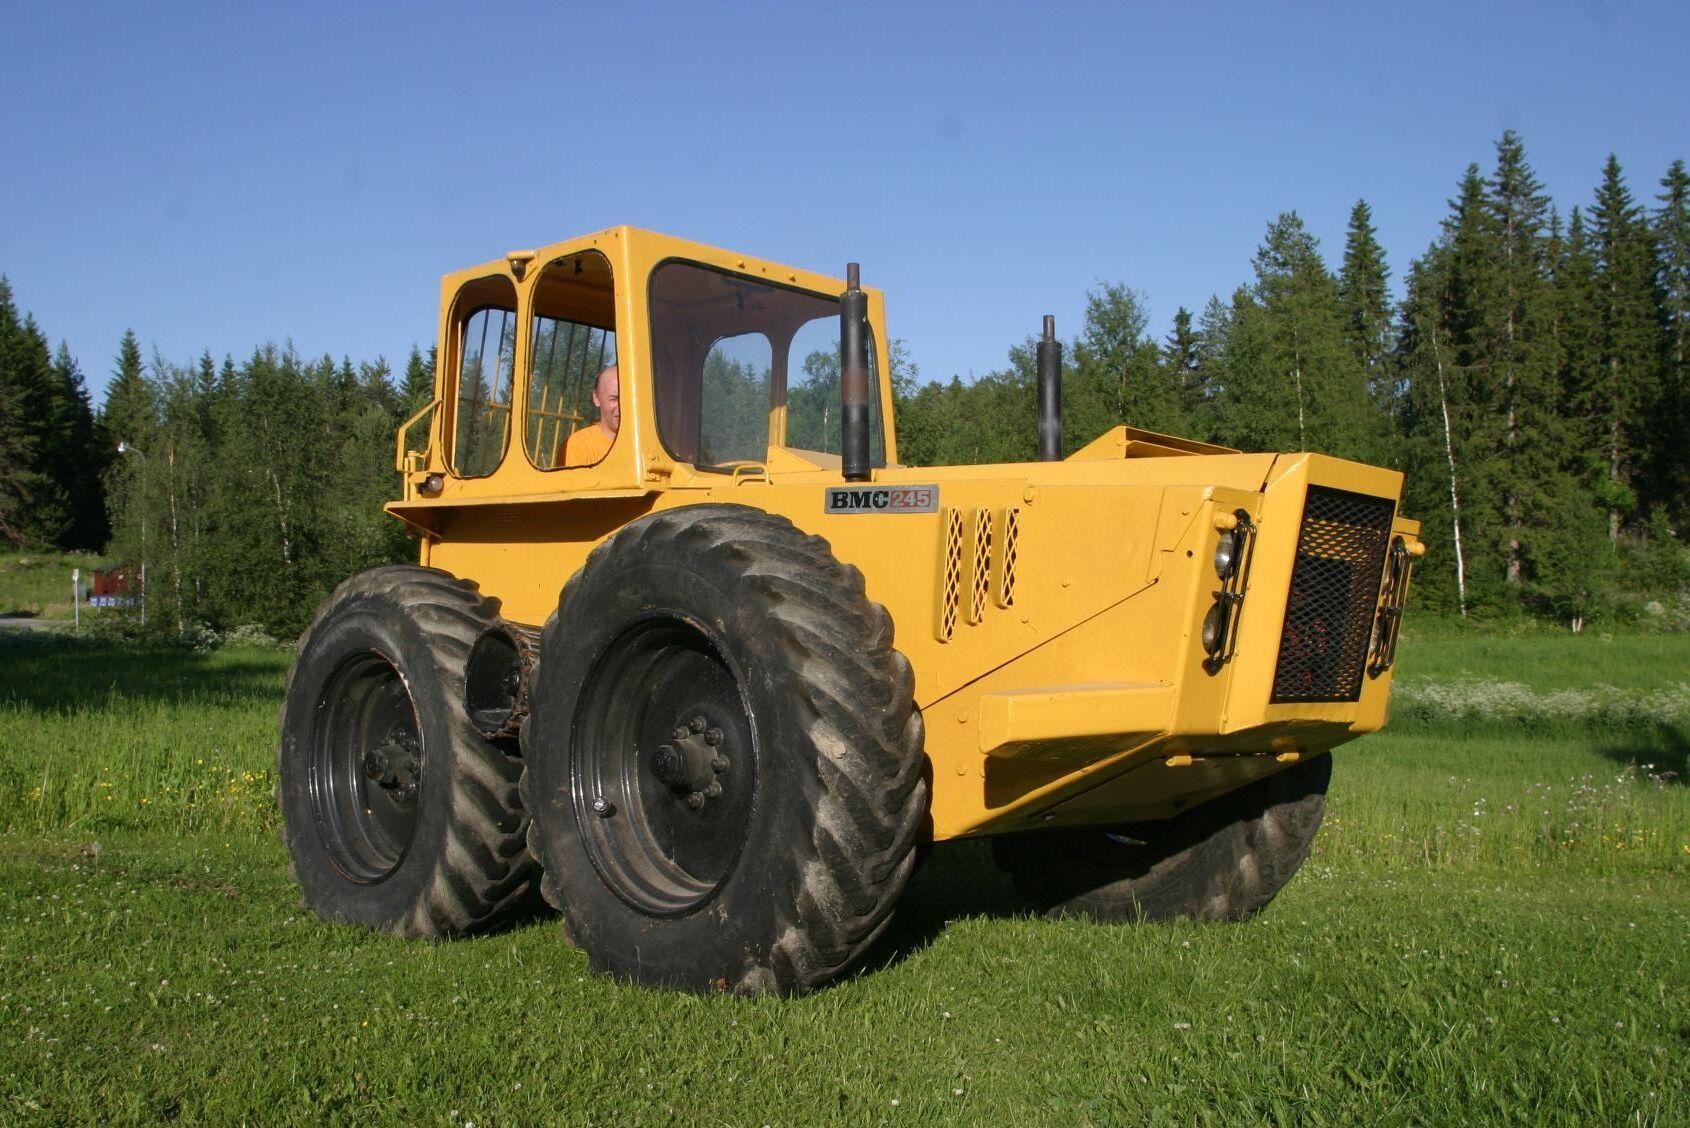 BMC 245 har två motorer och byggs av Hultdins Verkstads AB i Malåträsk i samarbete med BMC Sweden AB som då importerar jordbrukstraktorn Nuffield. Den fyrhjulsdrivna maskinen byggs 1965 till 1970 och med band är den svårstoppad i skogen.